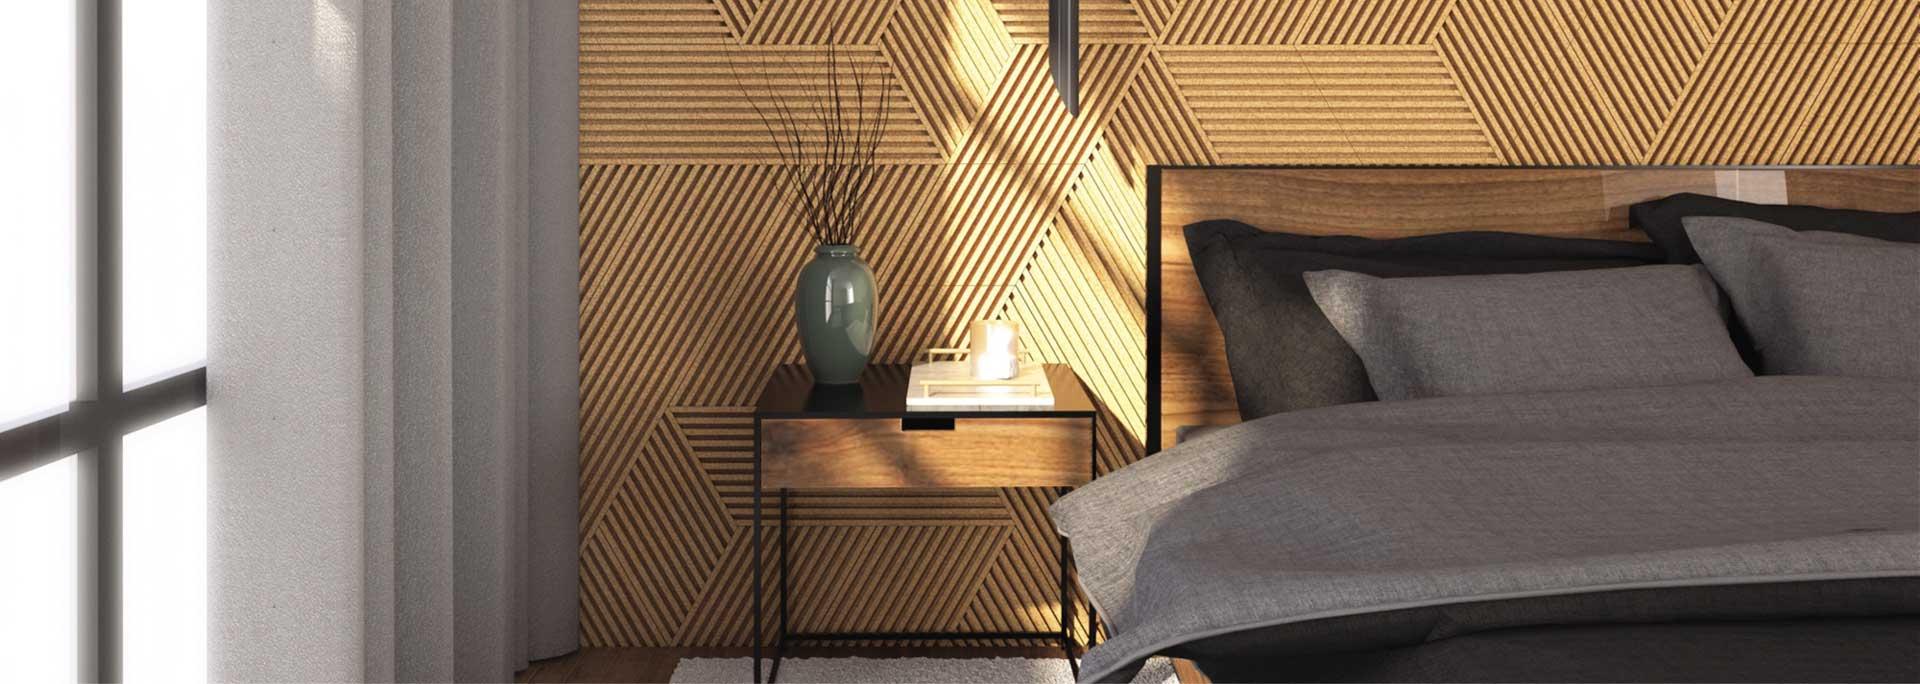 Panele akustyczne 3D na ścianie